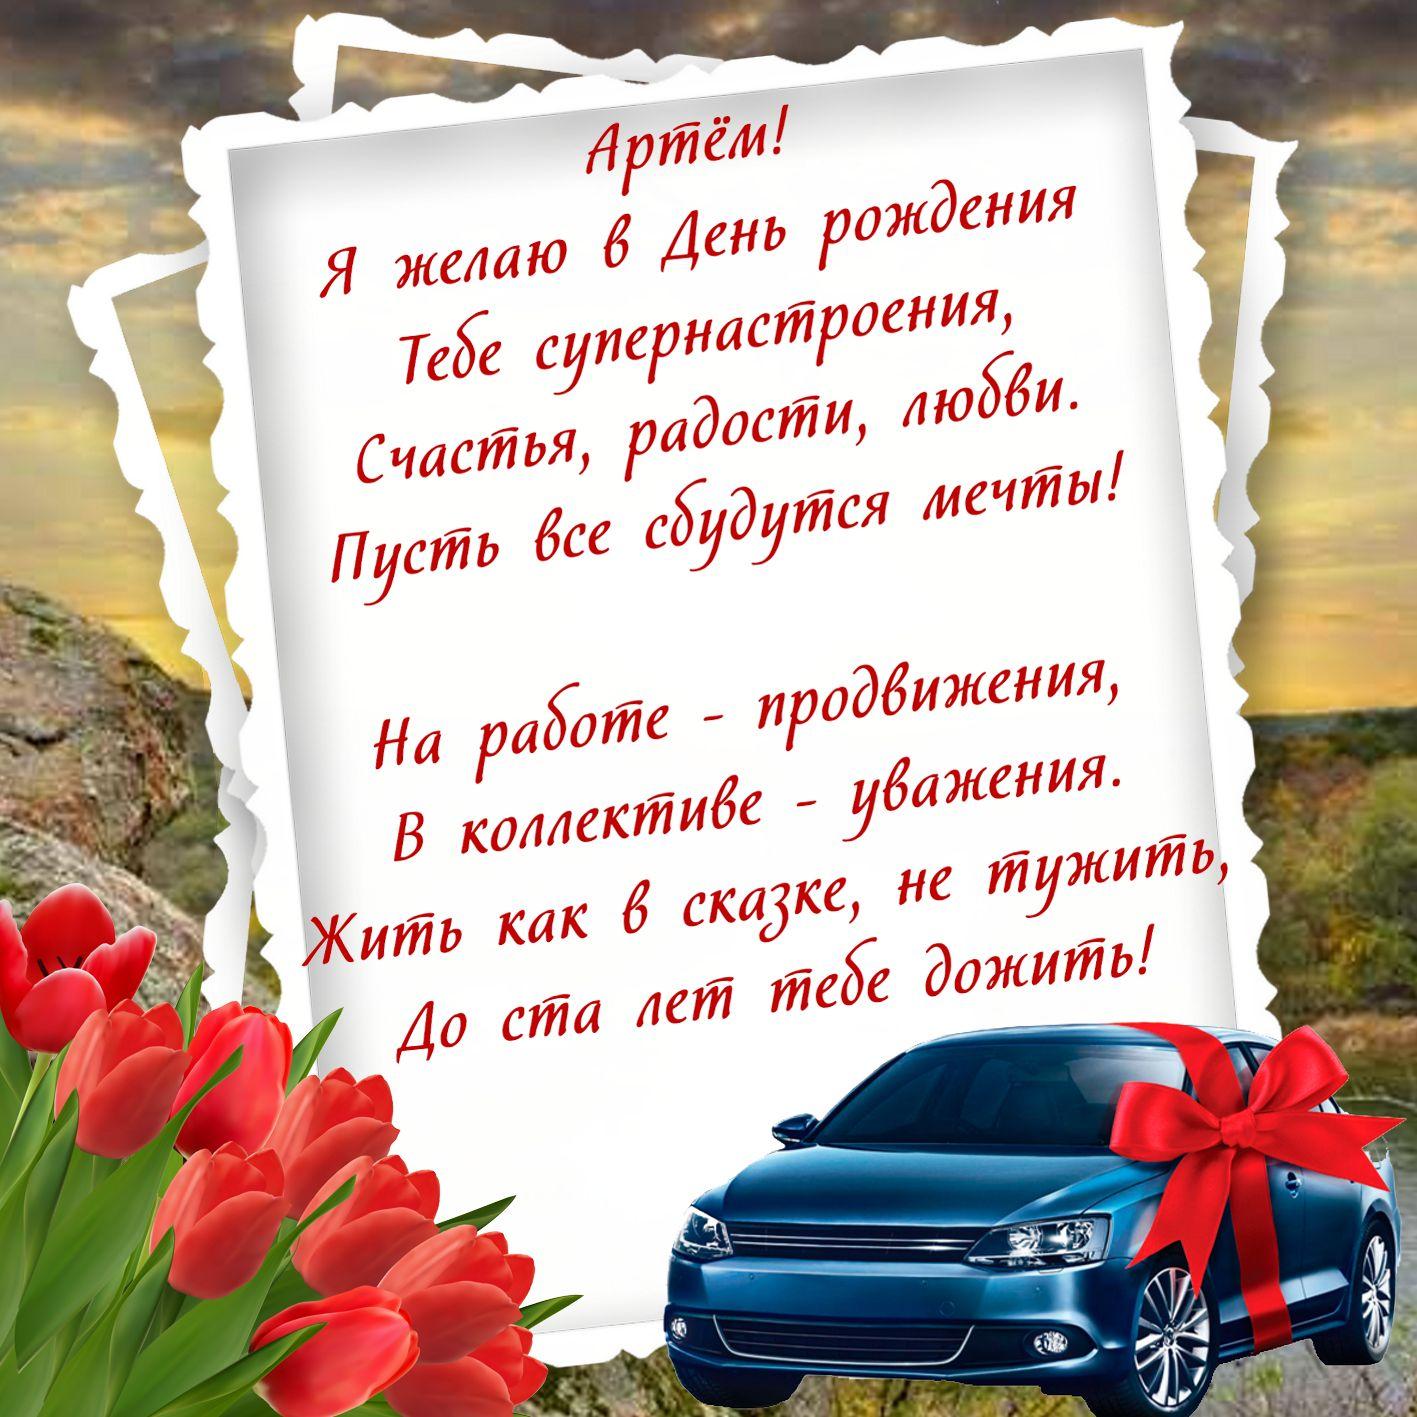 Осетинские, открытки для мужчины с днем рождения артем